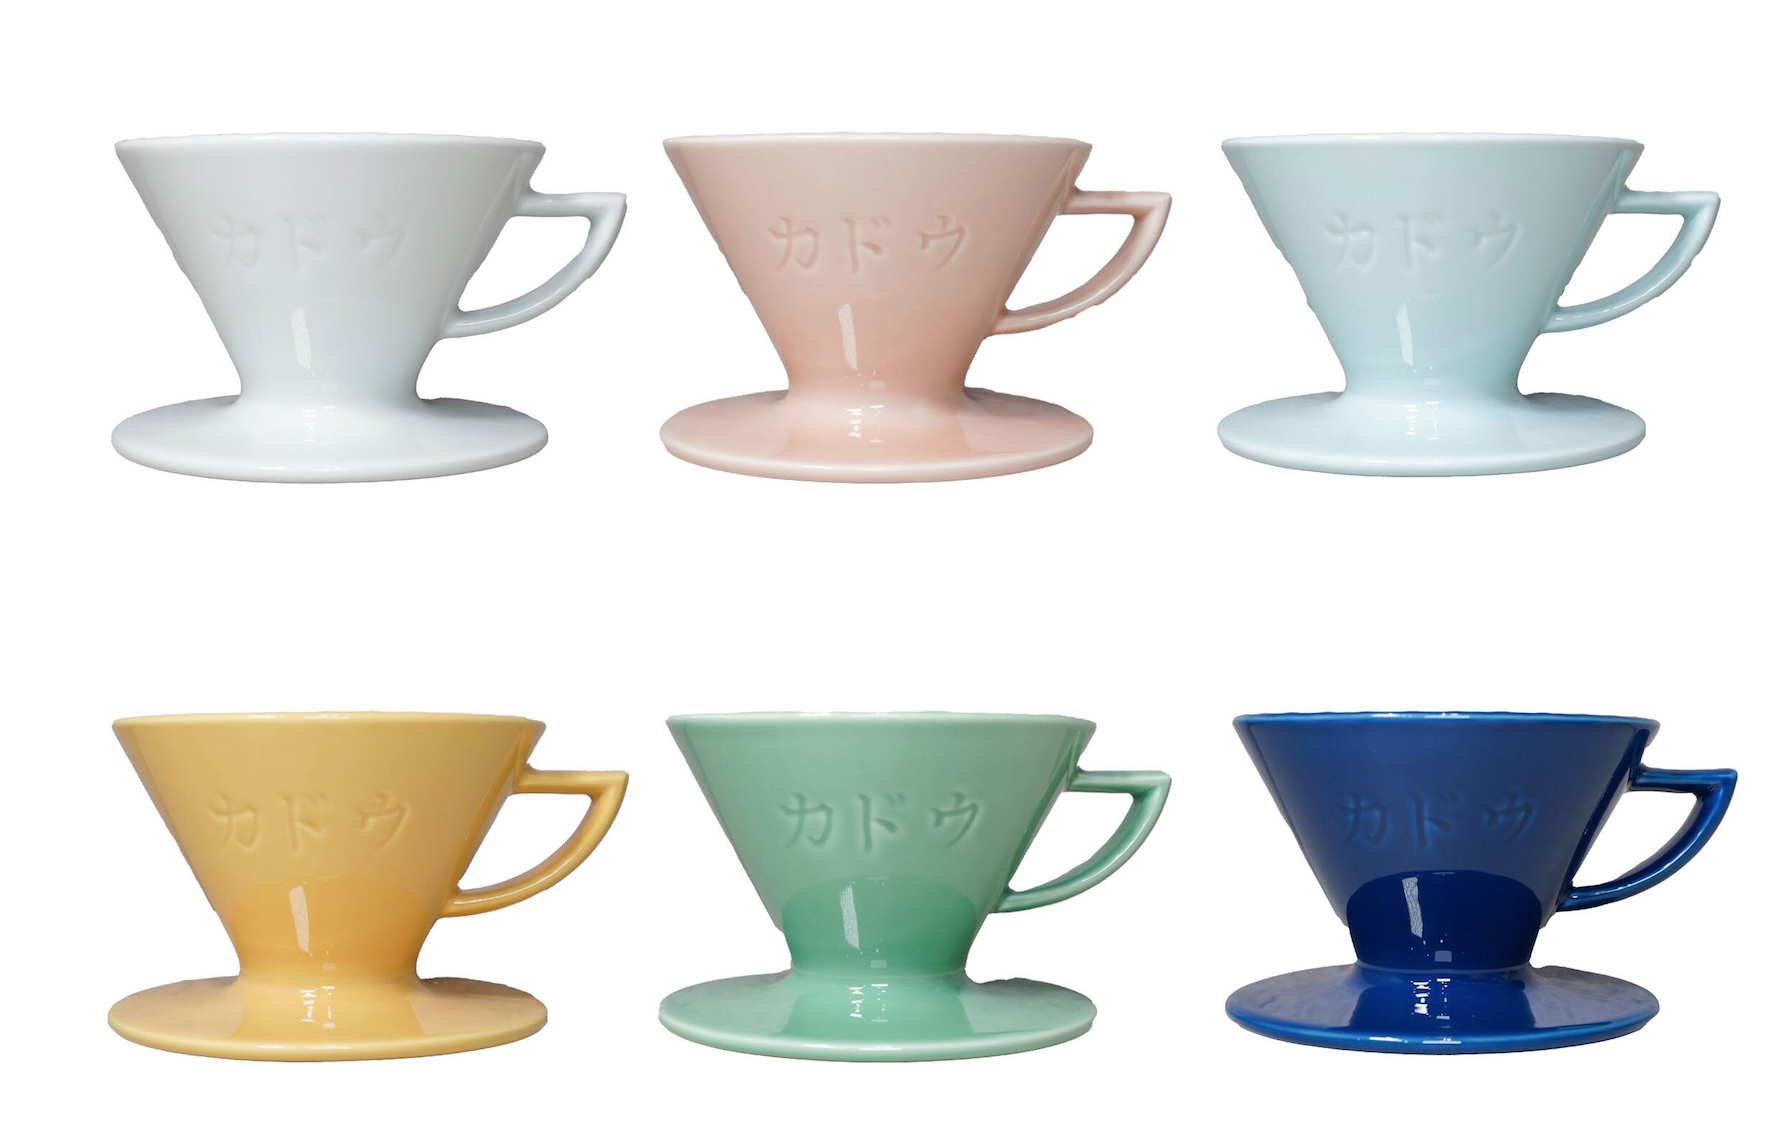 珈堂KADOU 日本製 星芒濾杯 M1 波佐見燒陶瓷 咖啡濾杯 (1-2杯)